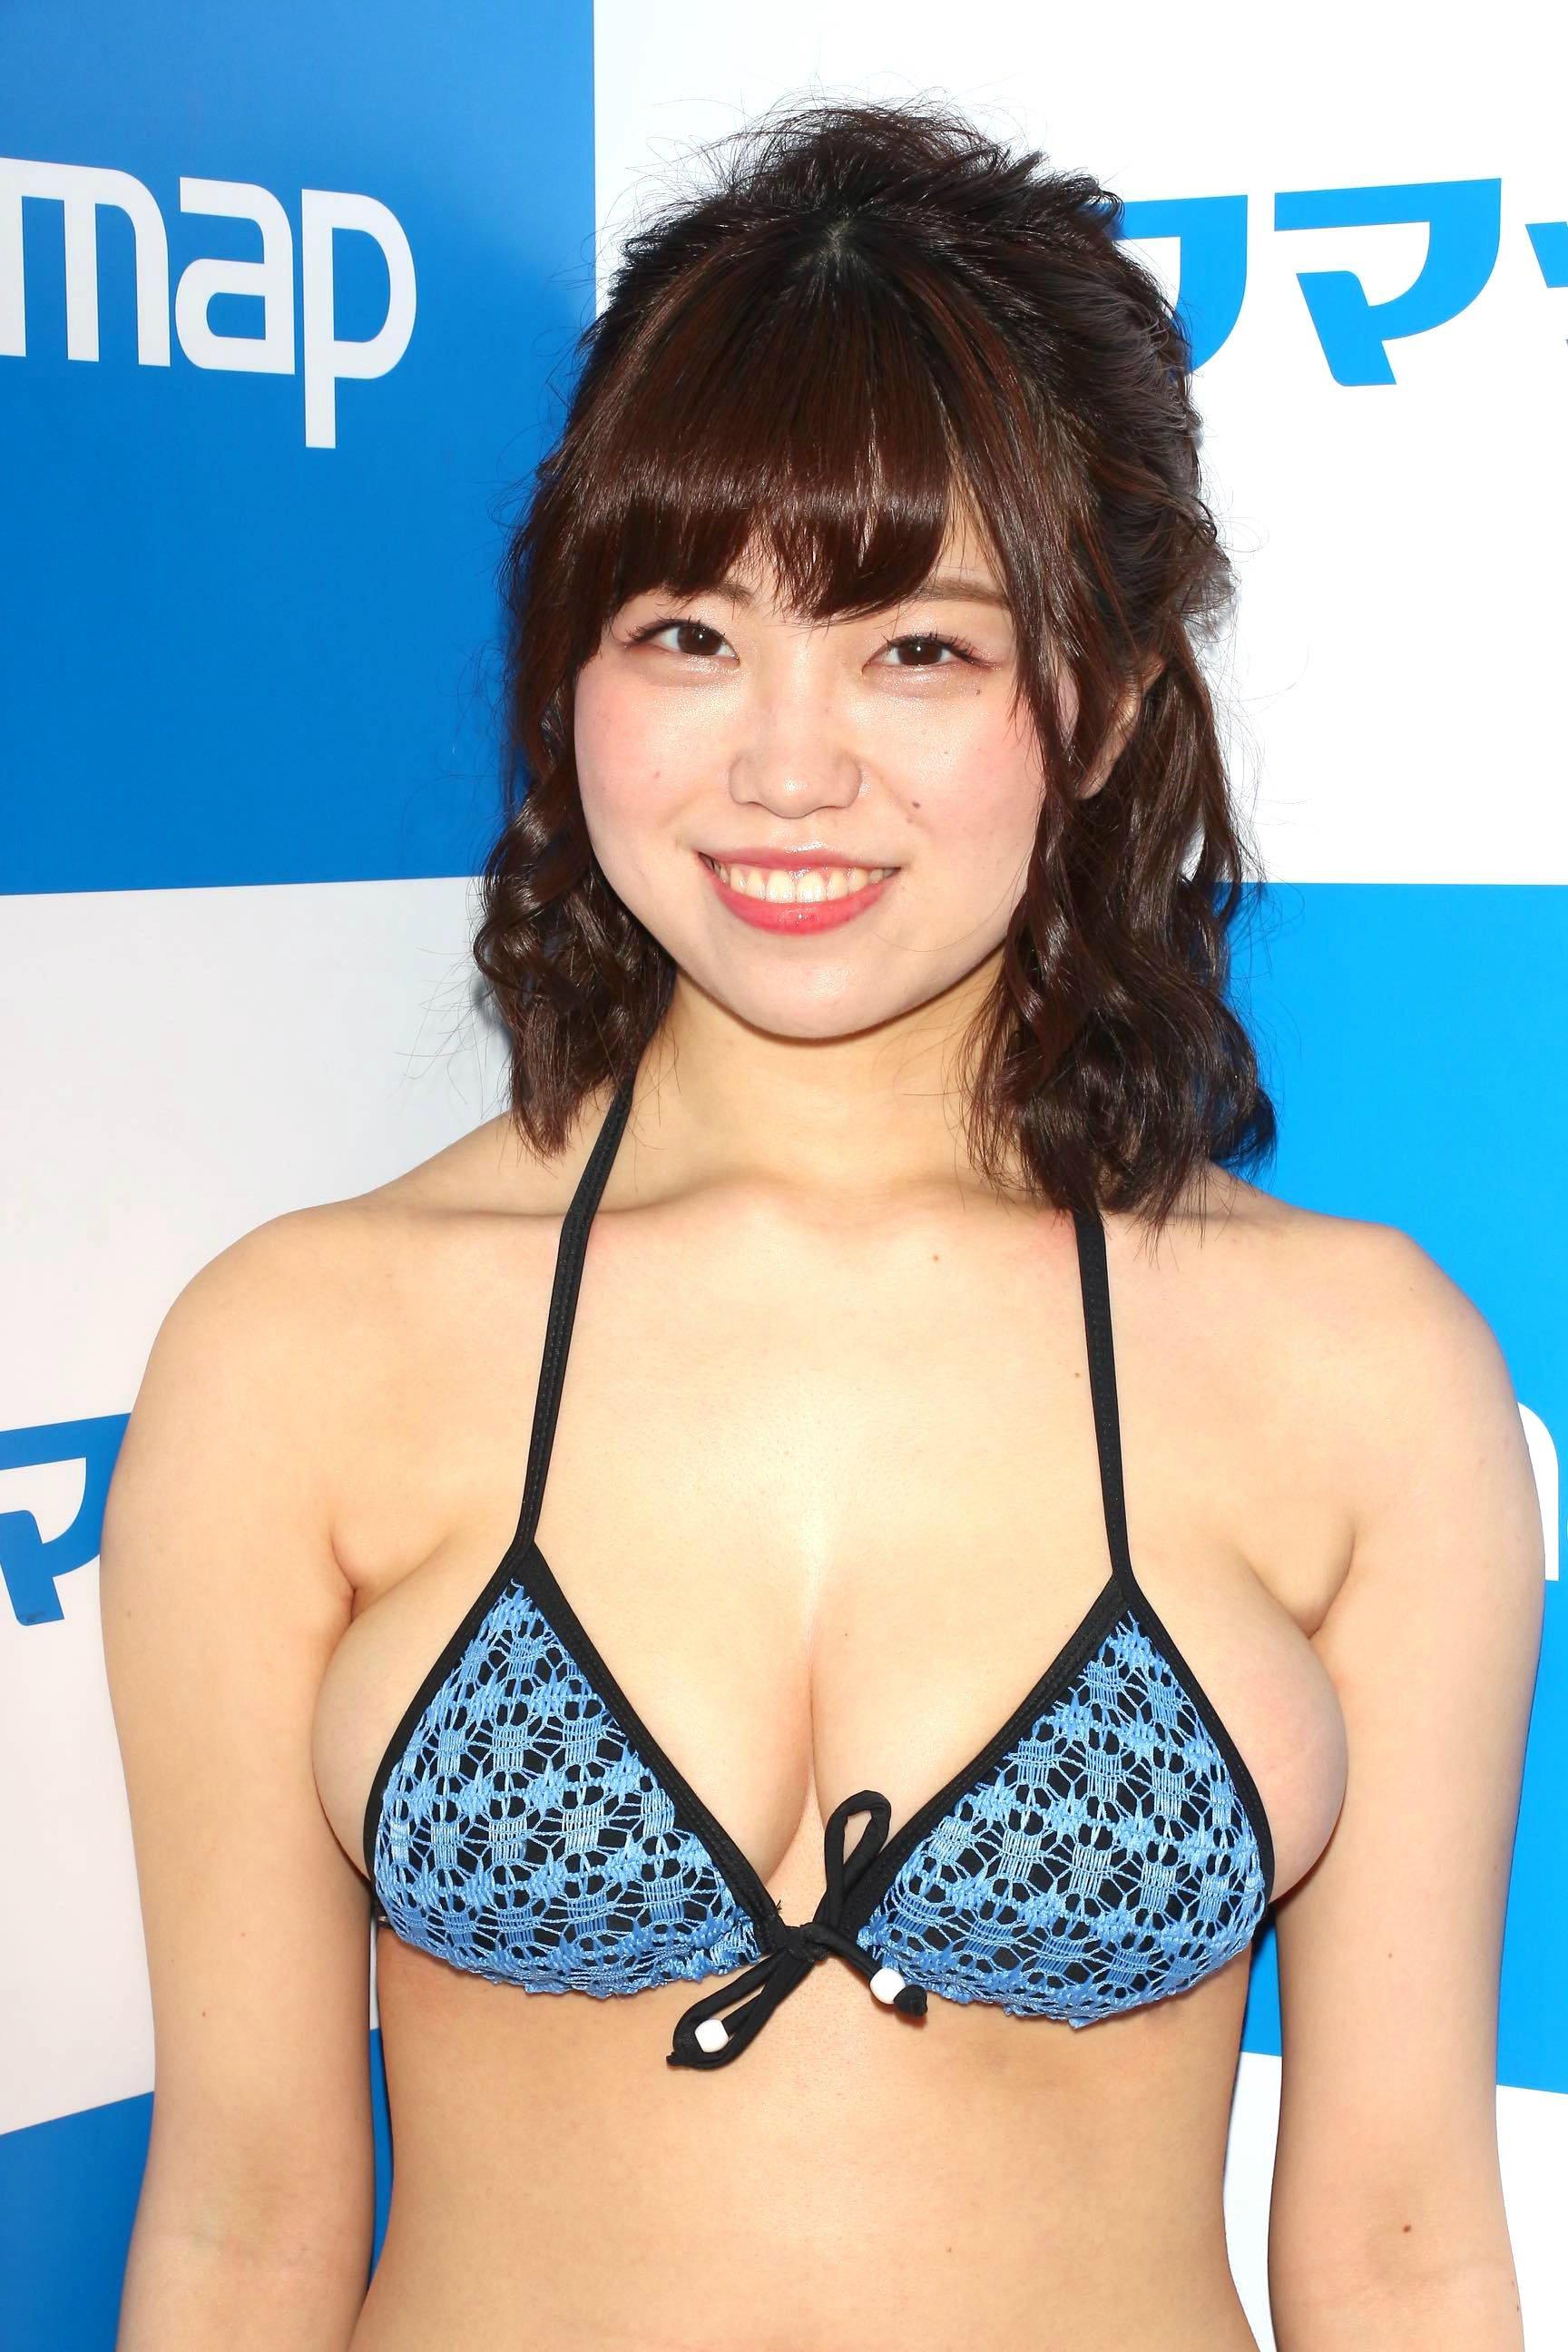 麻亜子「はみ出しバスト」が大爆発!【写真29枚】の画像008